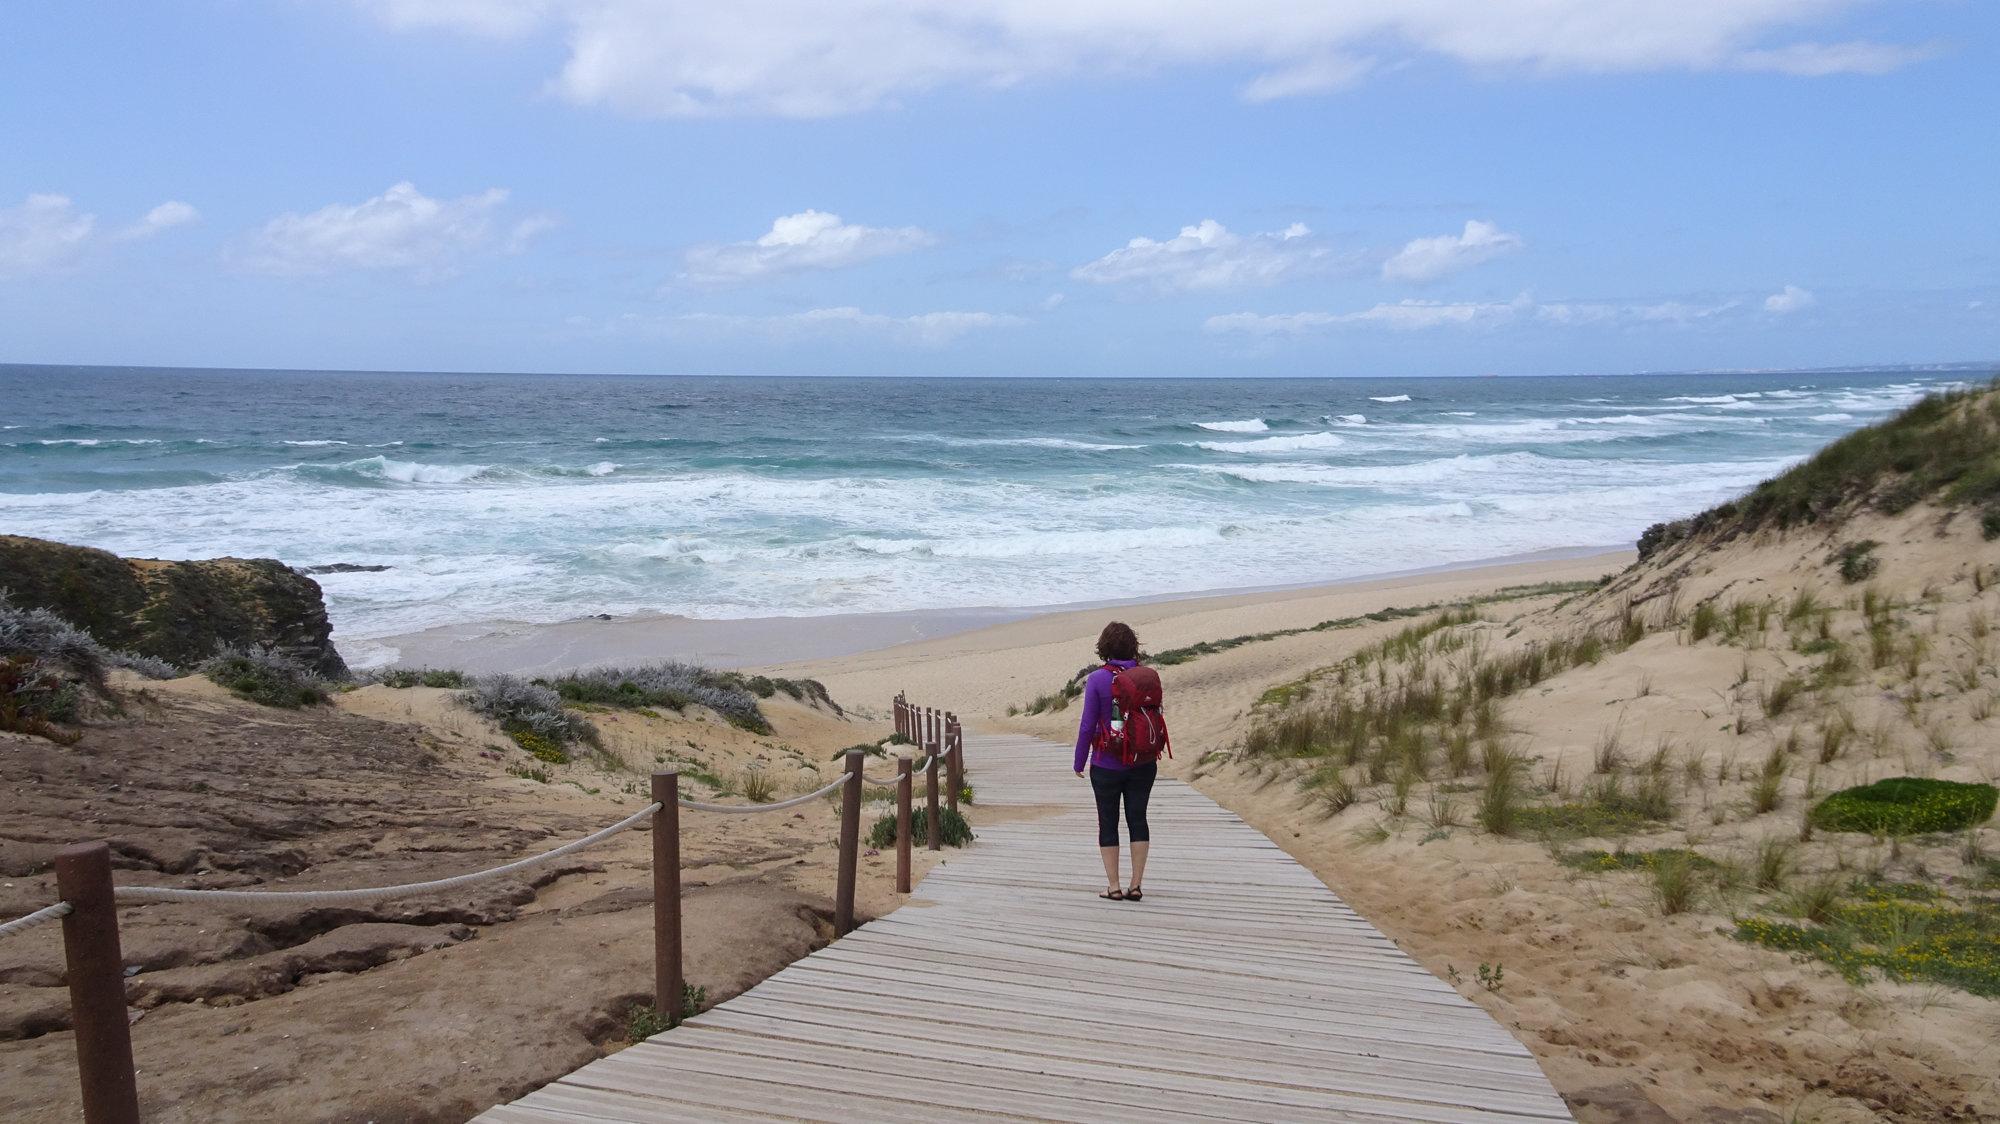 Fischerweg Portugal, Wandern, Küstenweg, Fischerpfad, Weitwandern